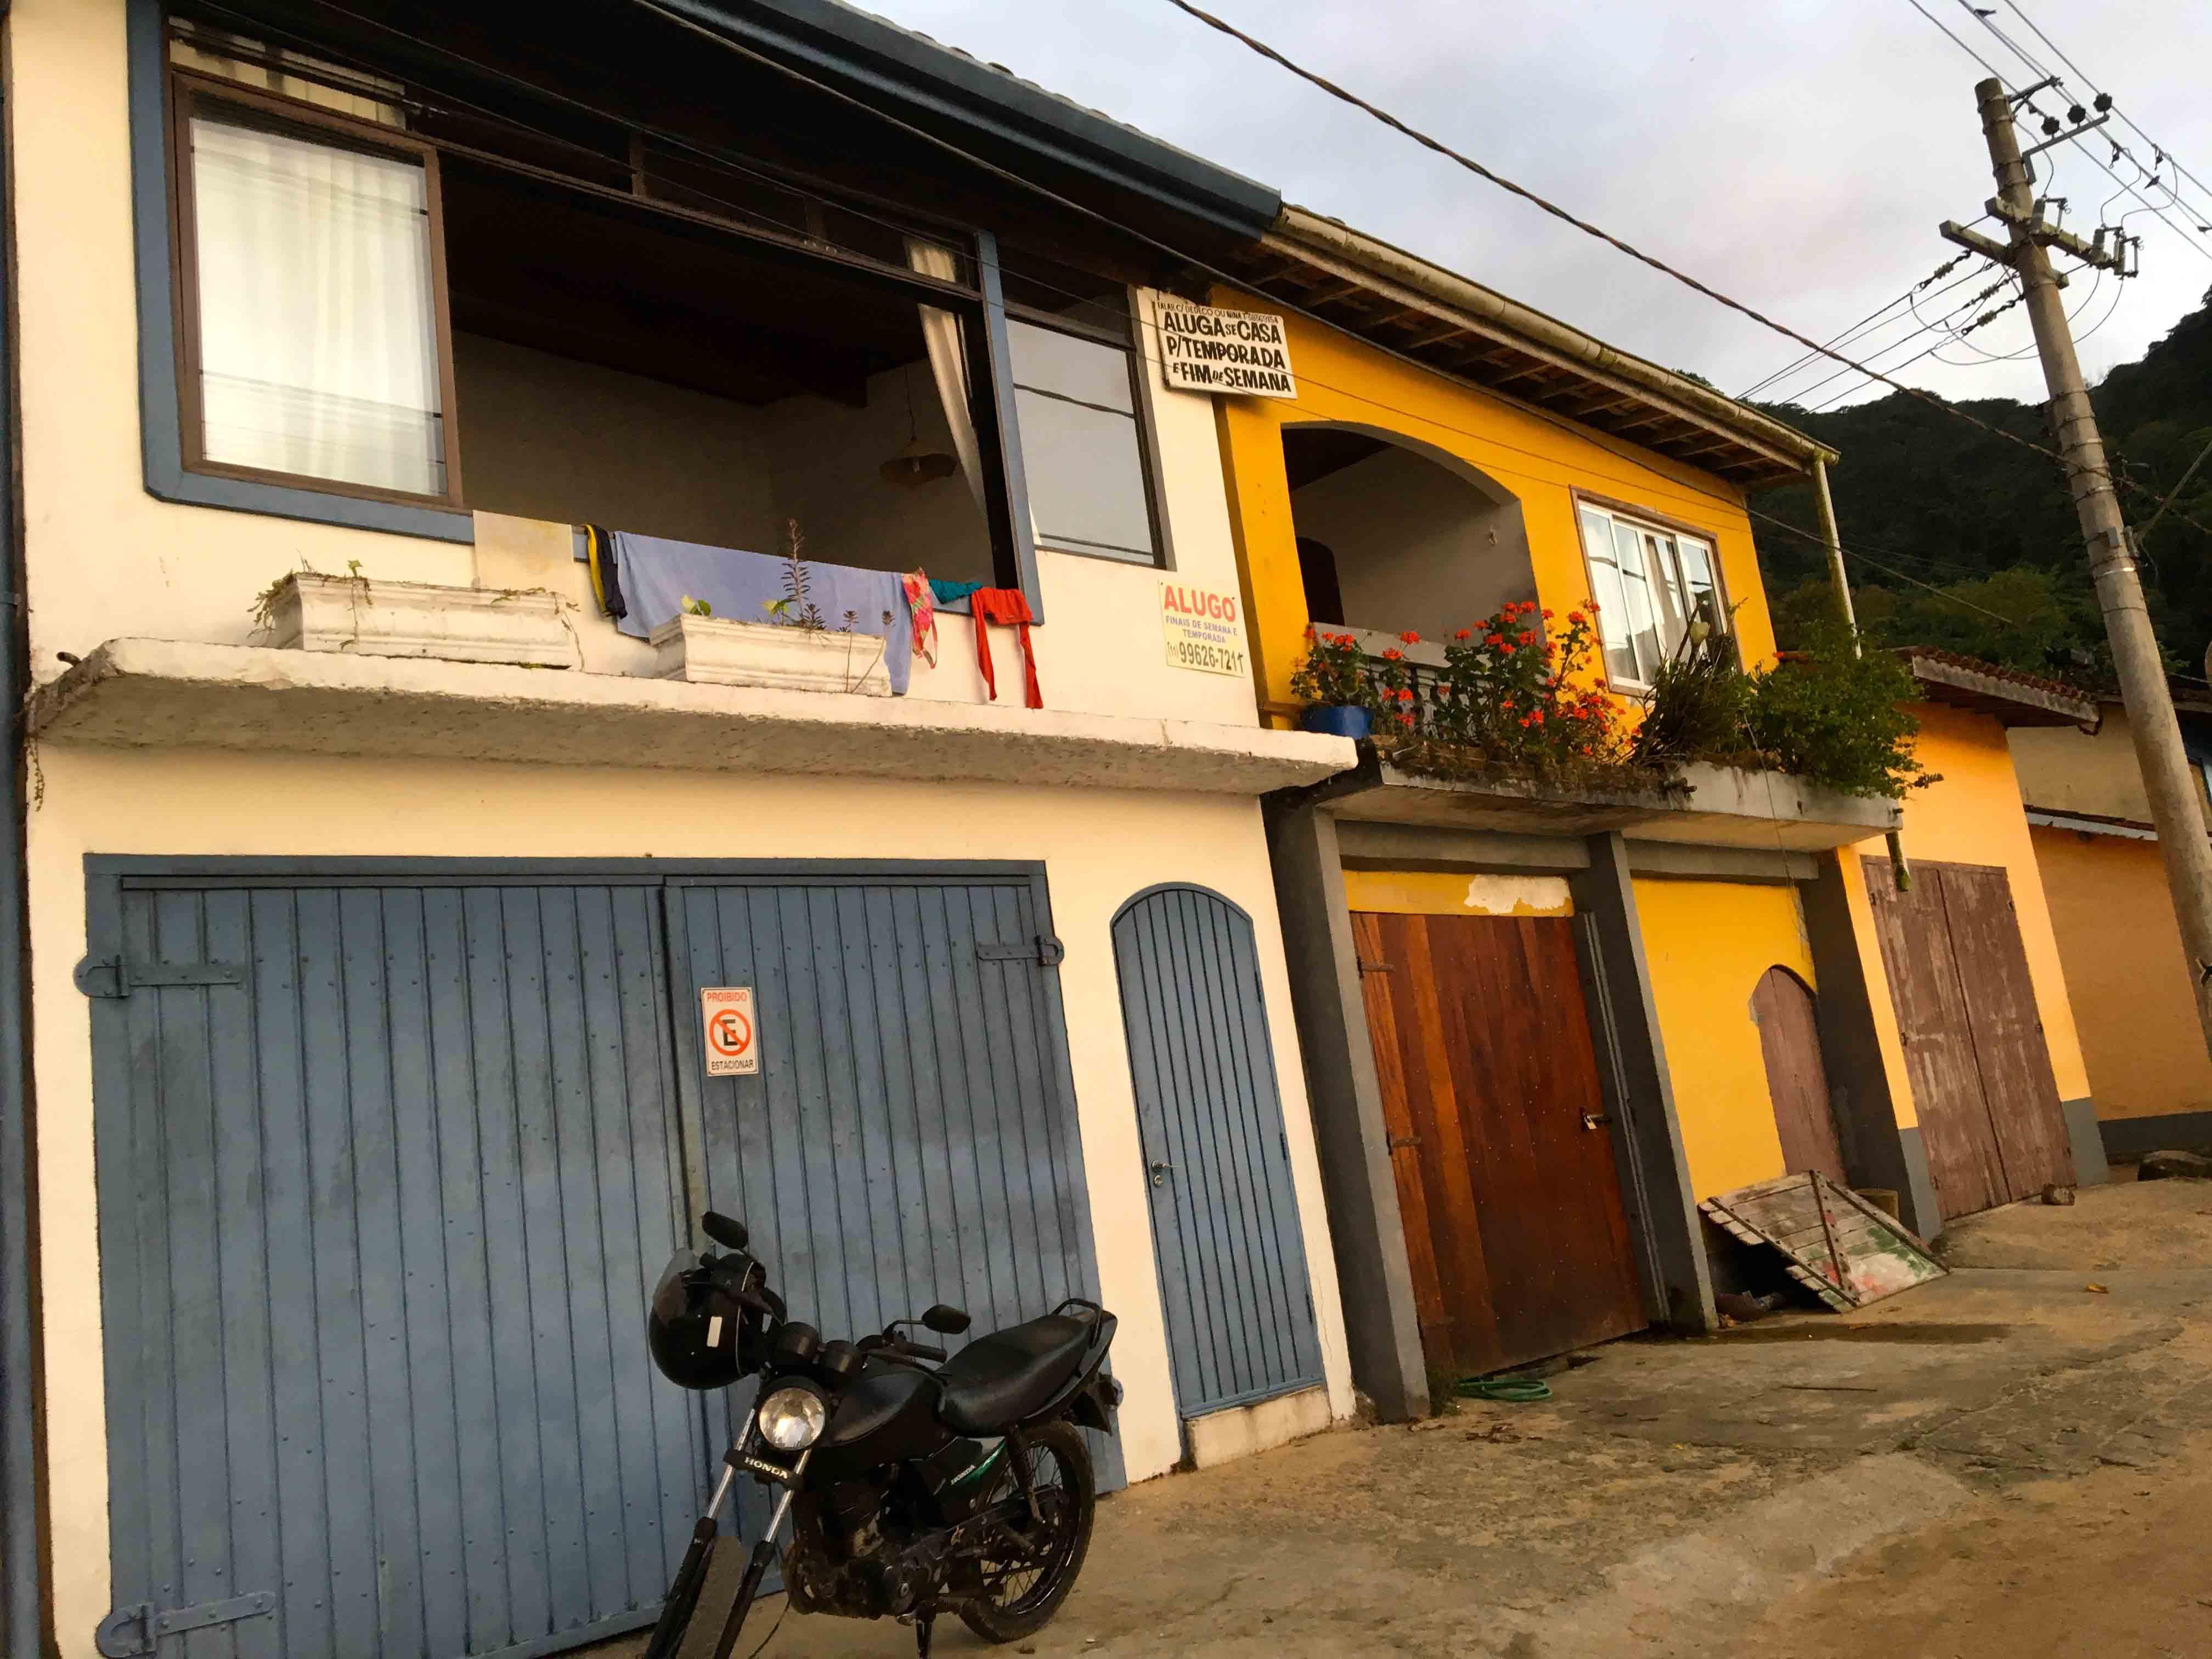 picinguaba airbnb